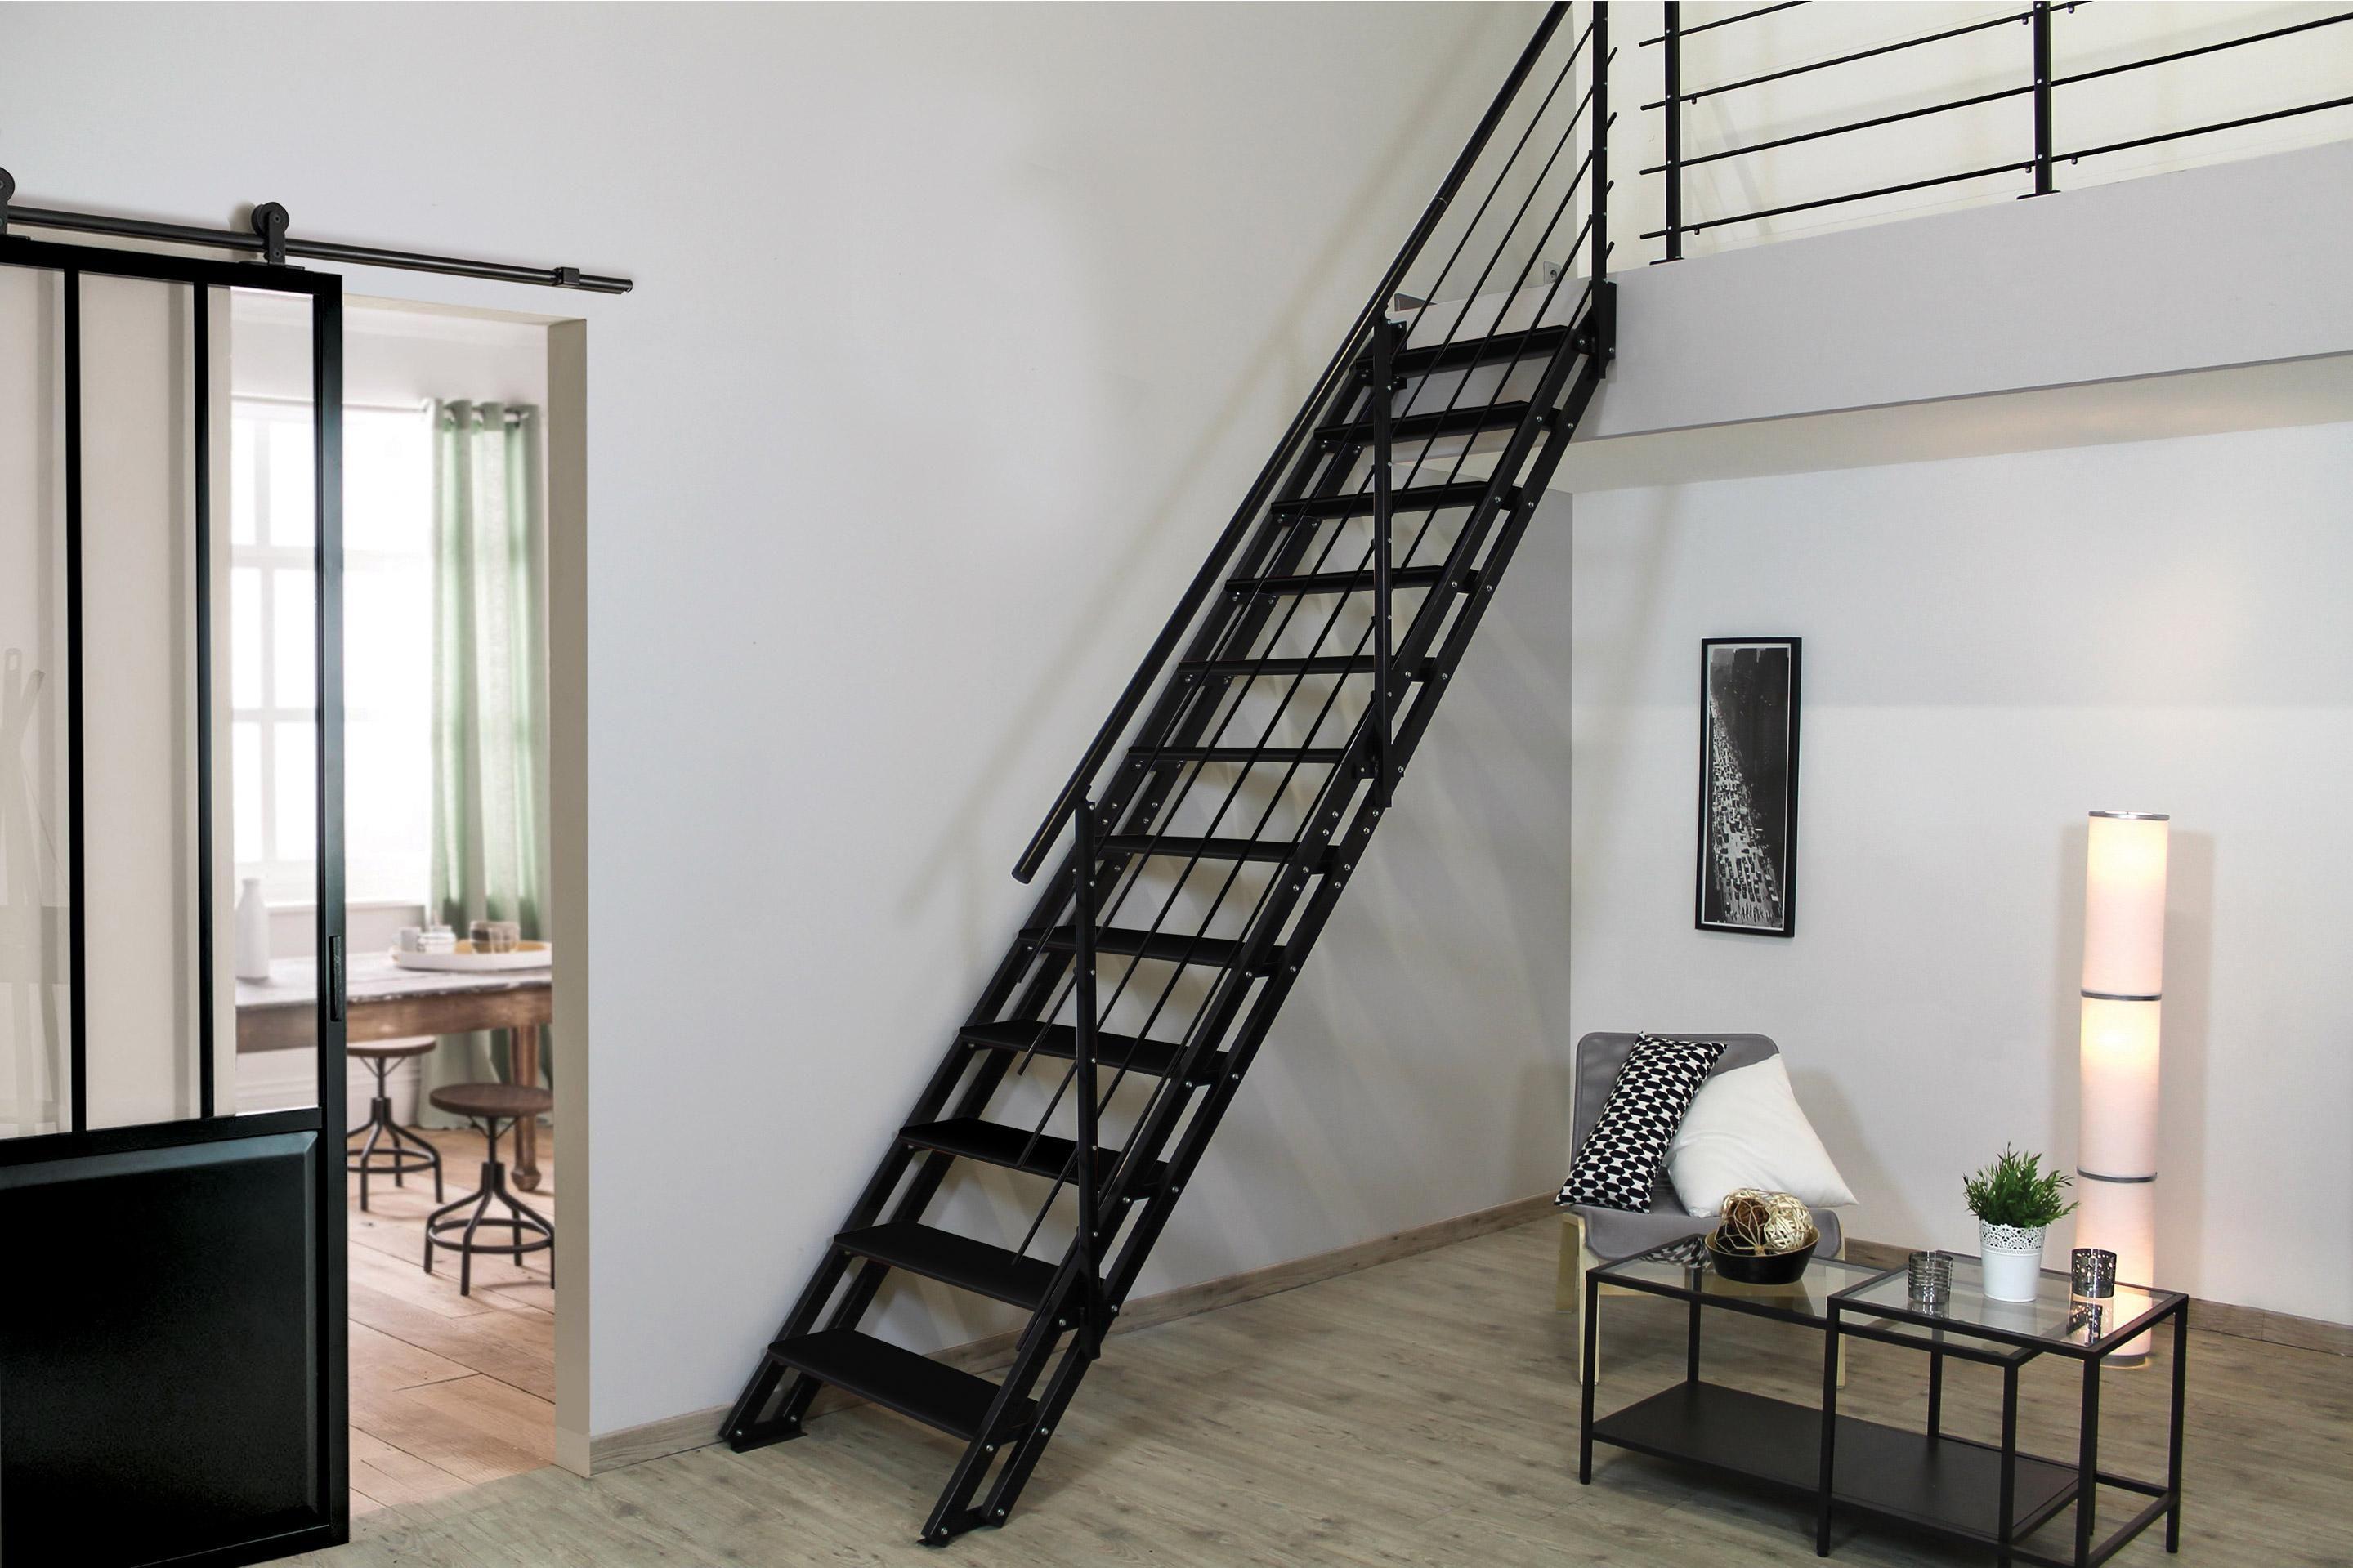 Escalier Modulaire Pas Cher escalier droit acier noir escavario 12 marches acier, l.90